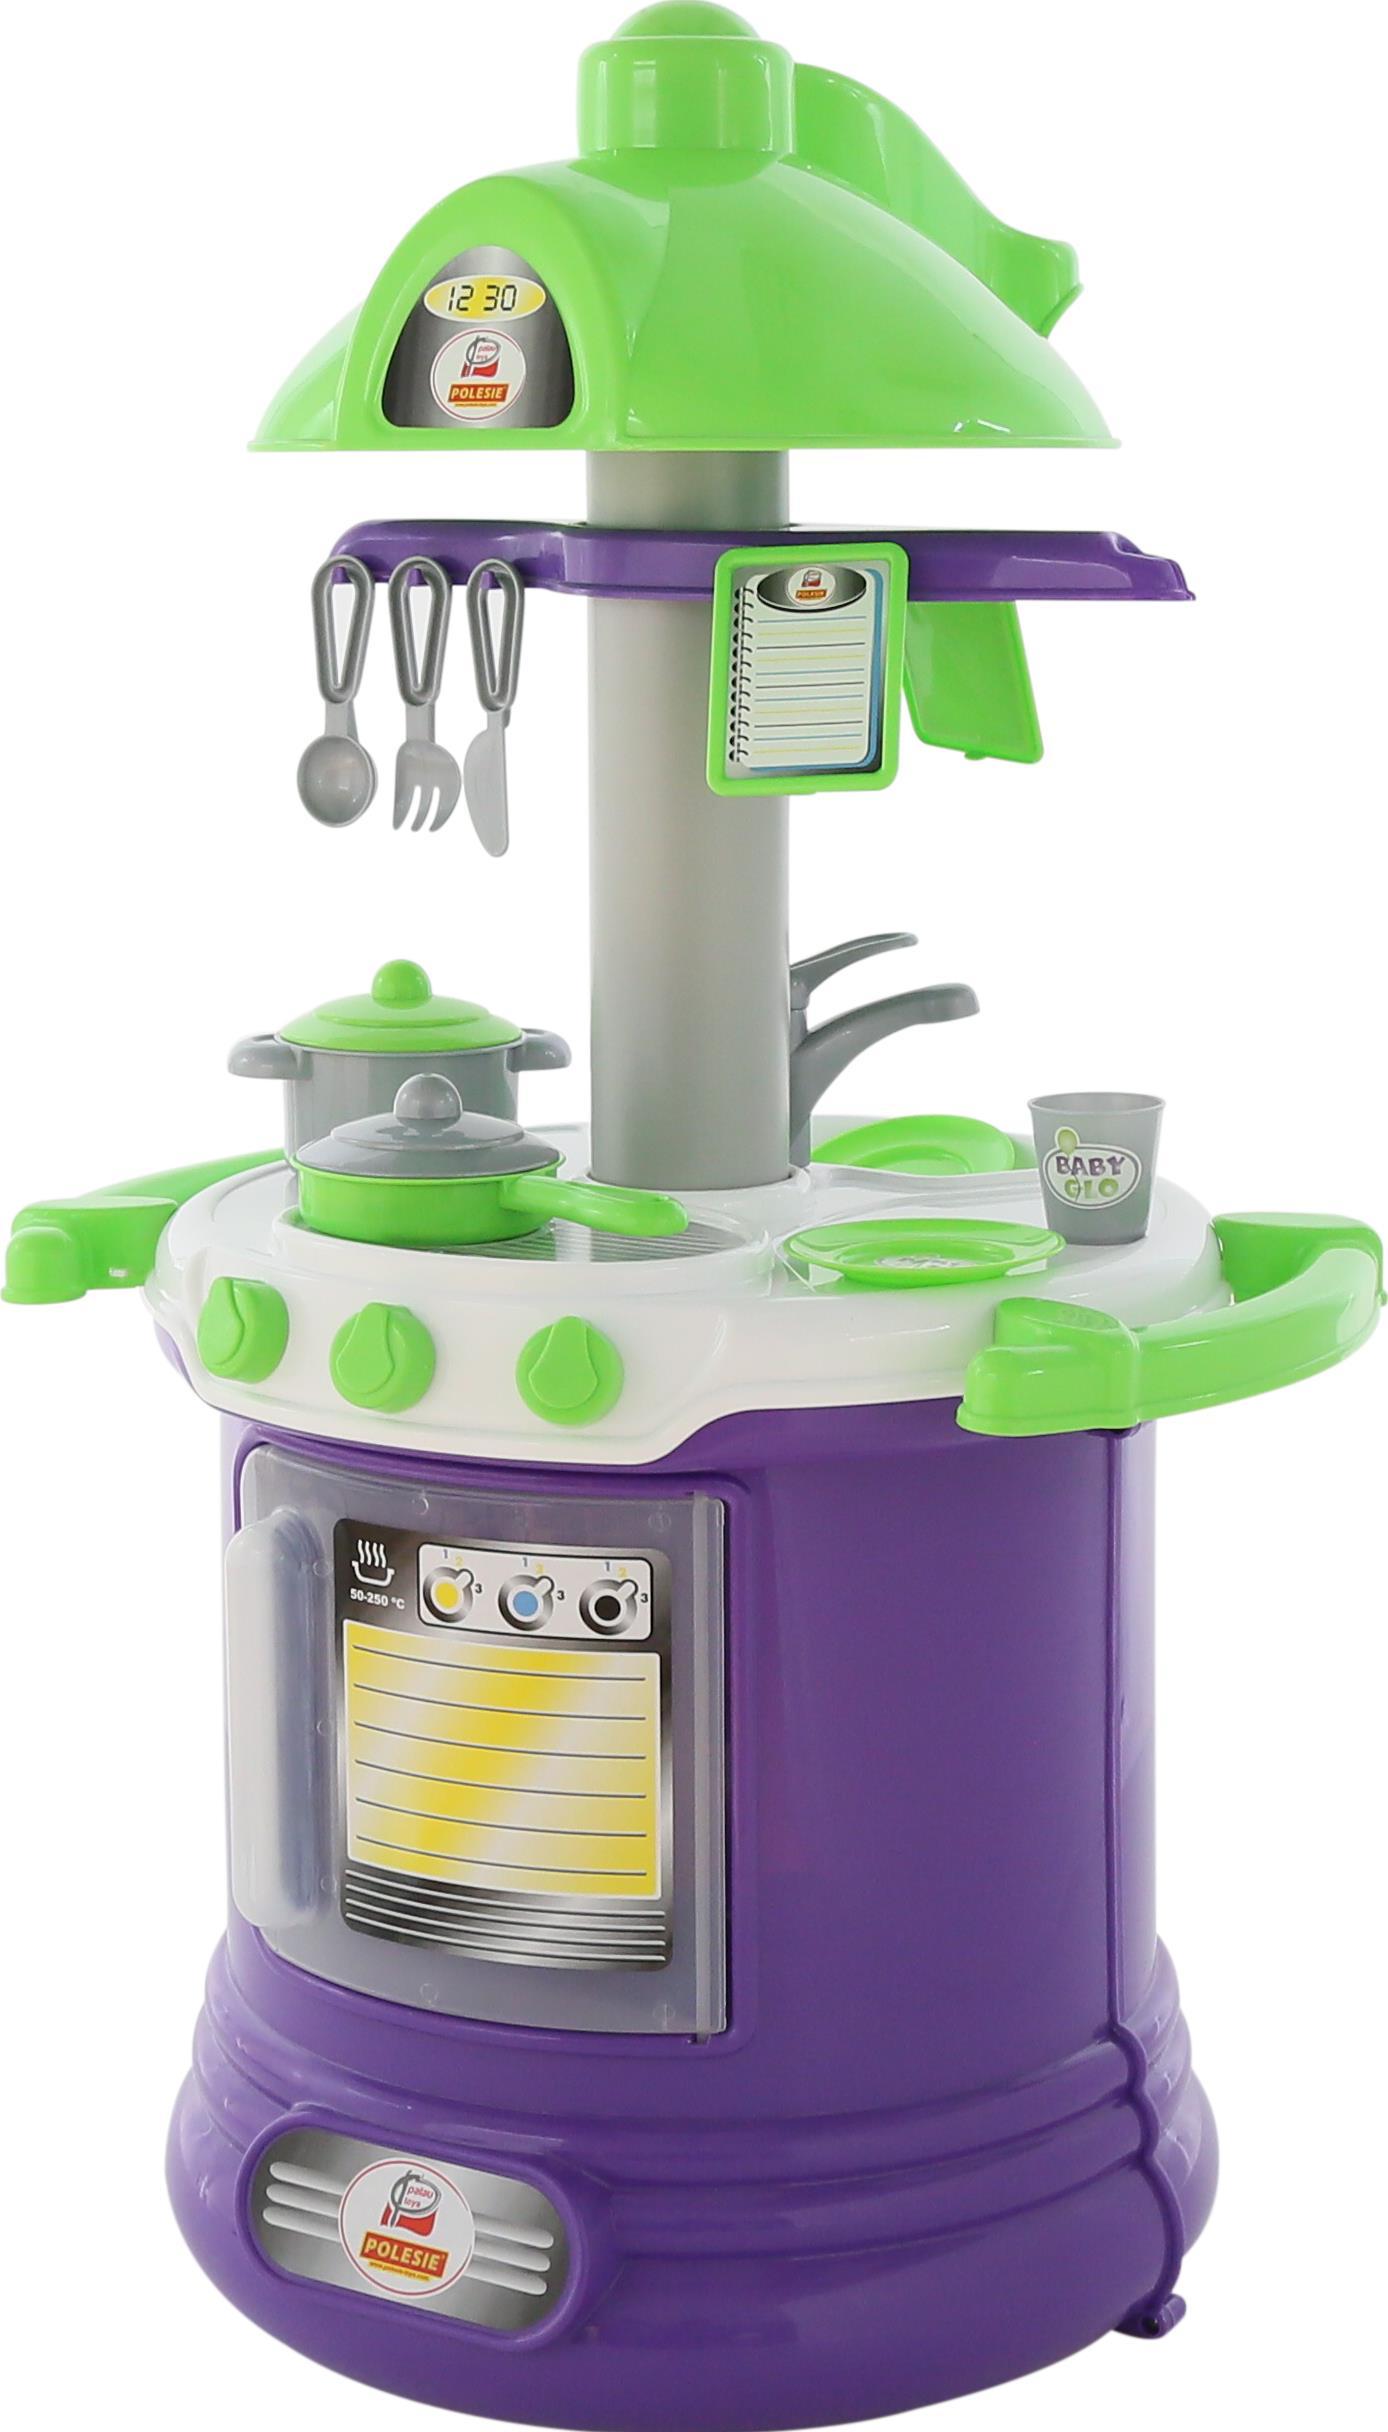 Игровая кухня Baby Glo №2, в пакетеДетские игровые кухни<br>Игровая кухня Baby Glo №2, в пакете<br>